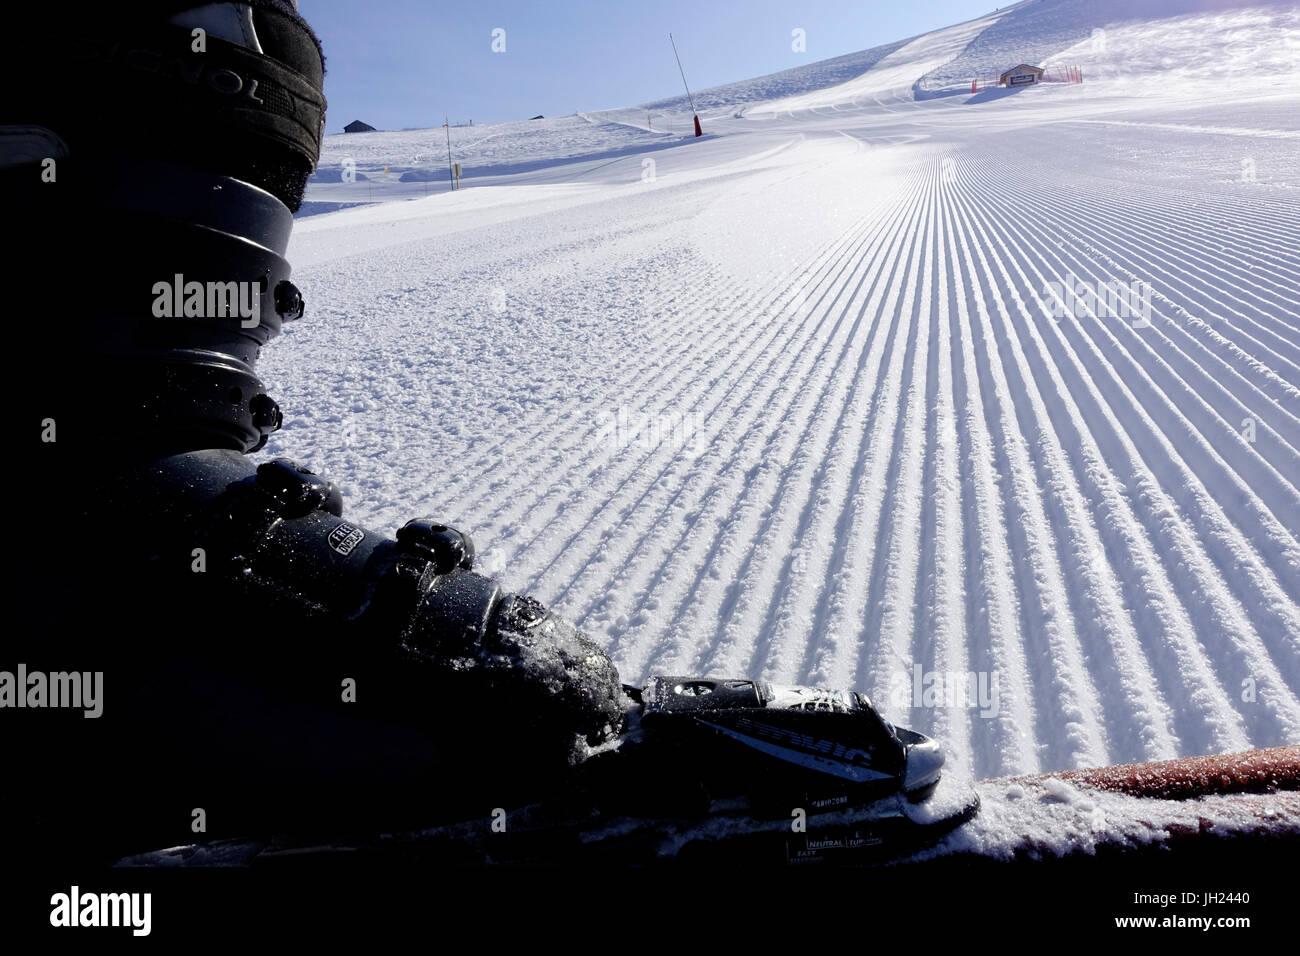 Sulle Alpi francesi. Curate Piste da sci. La Francia. Immagini Stock